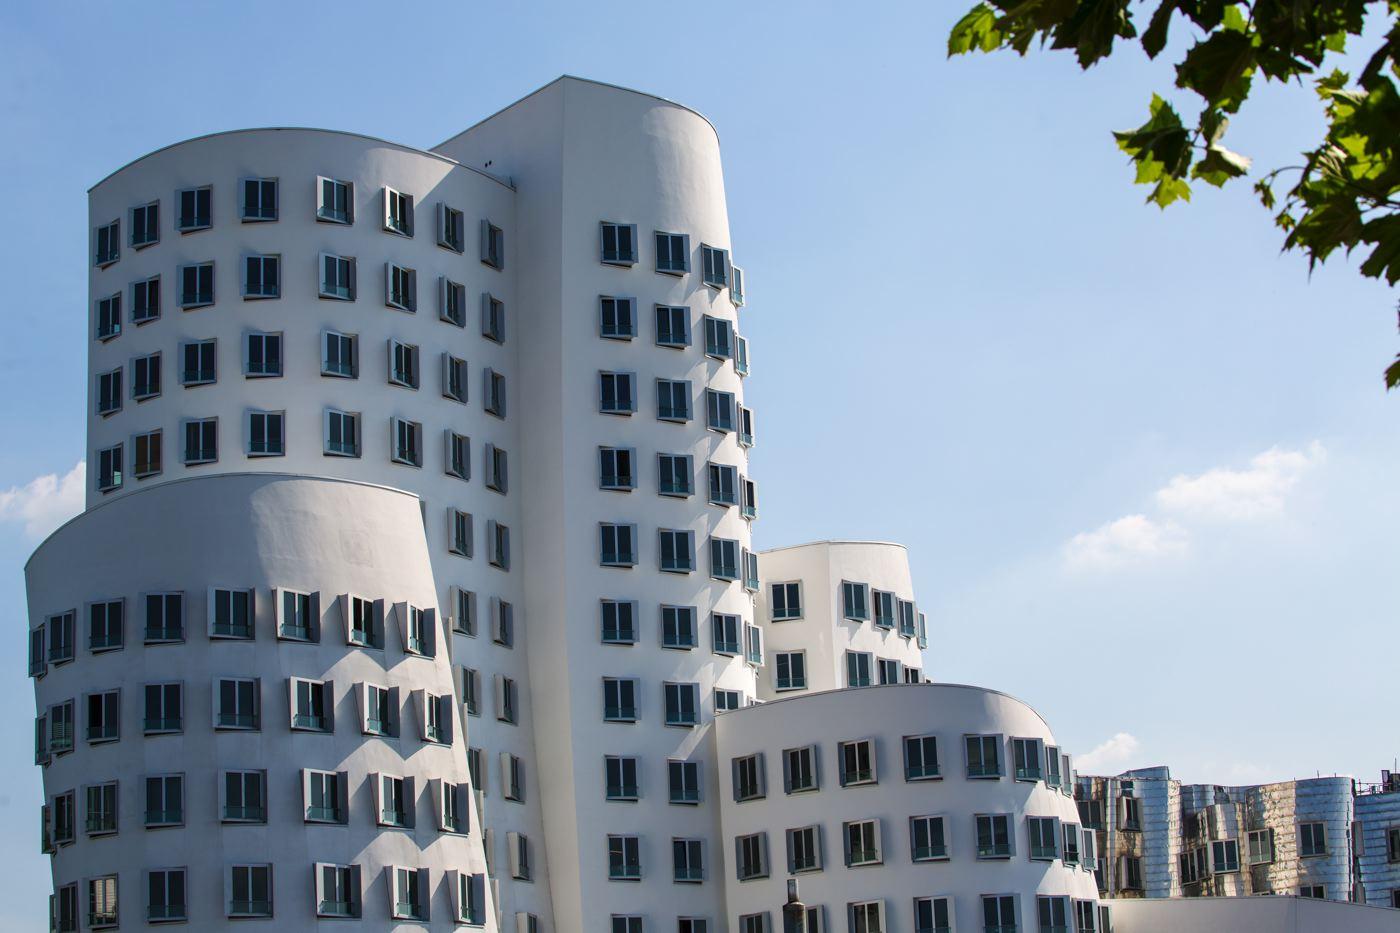 LDKphoto_Dusseldorf-Neuer Zollhof-001.jpg